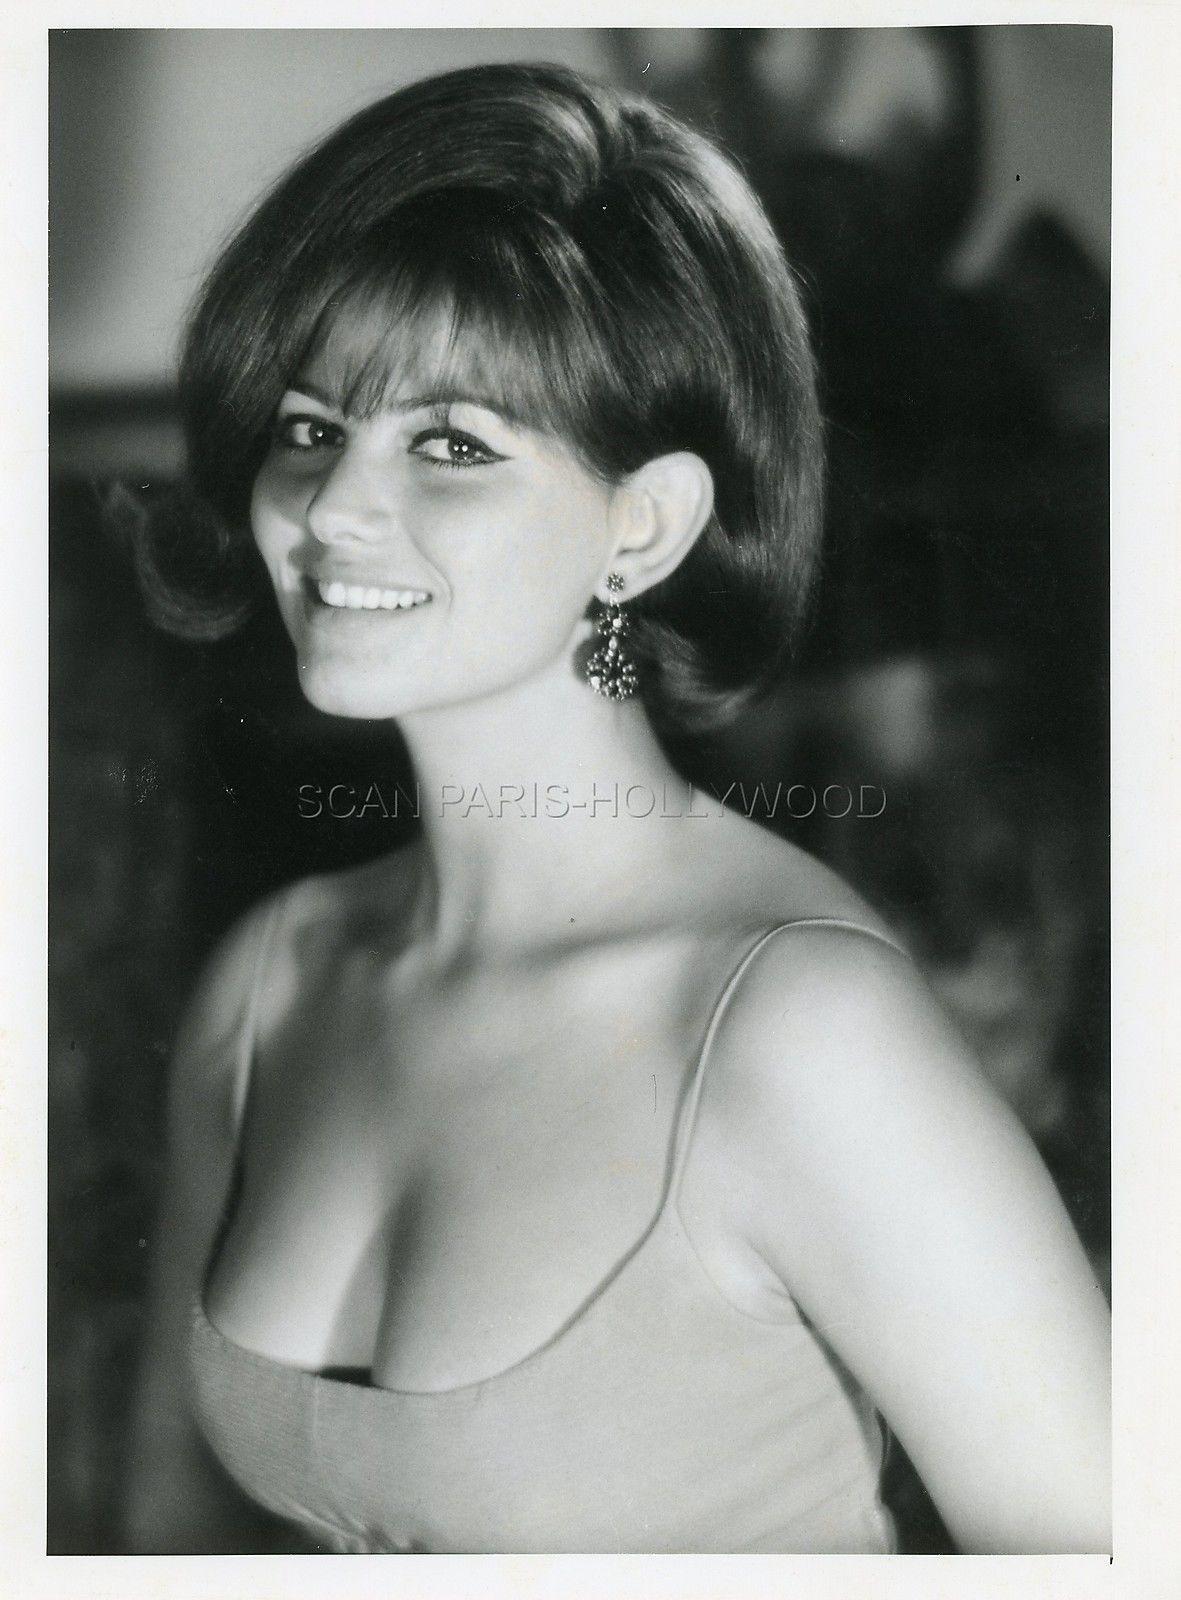 Claudia Cardinale (born 1938 (born and raised in Tunis, Tunisia